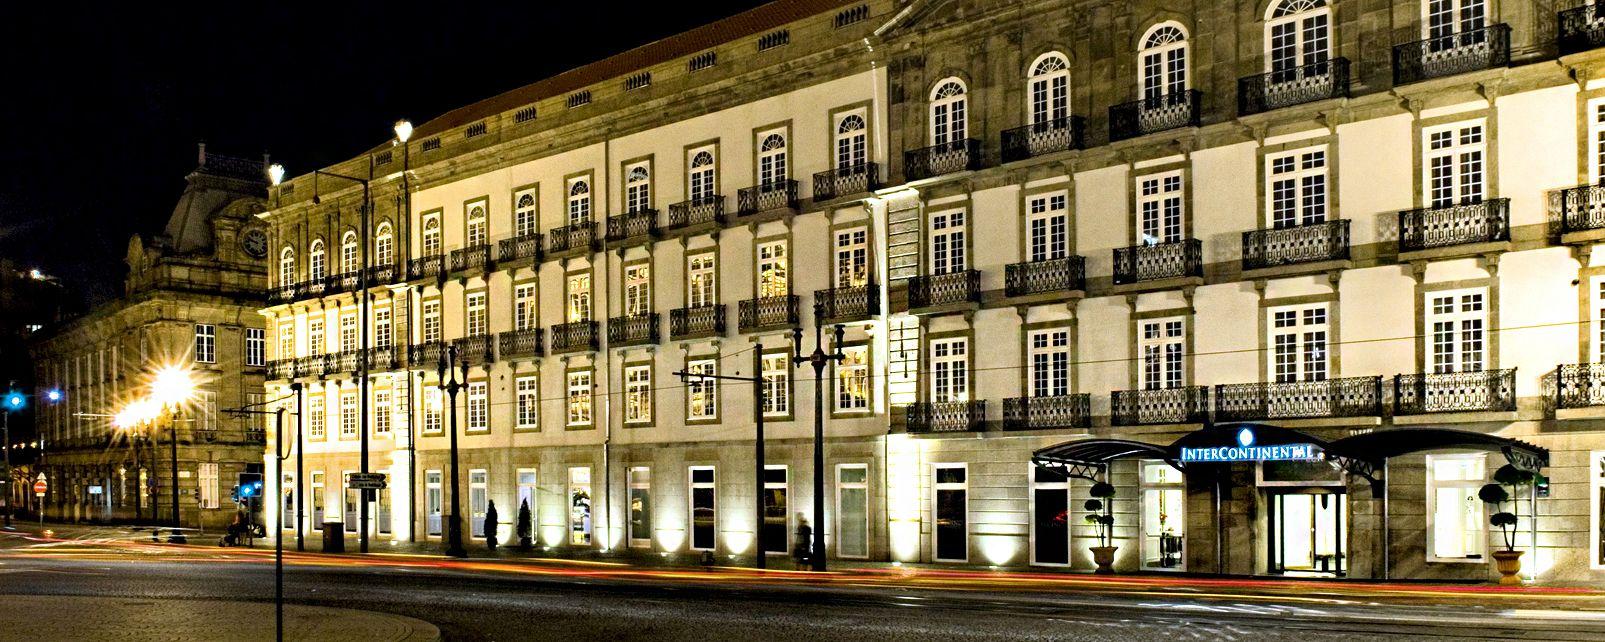 H tel intercontinental porto palacio das cardosas - Hotel intercontinental porto ...